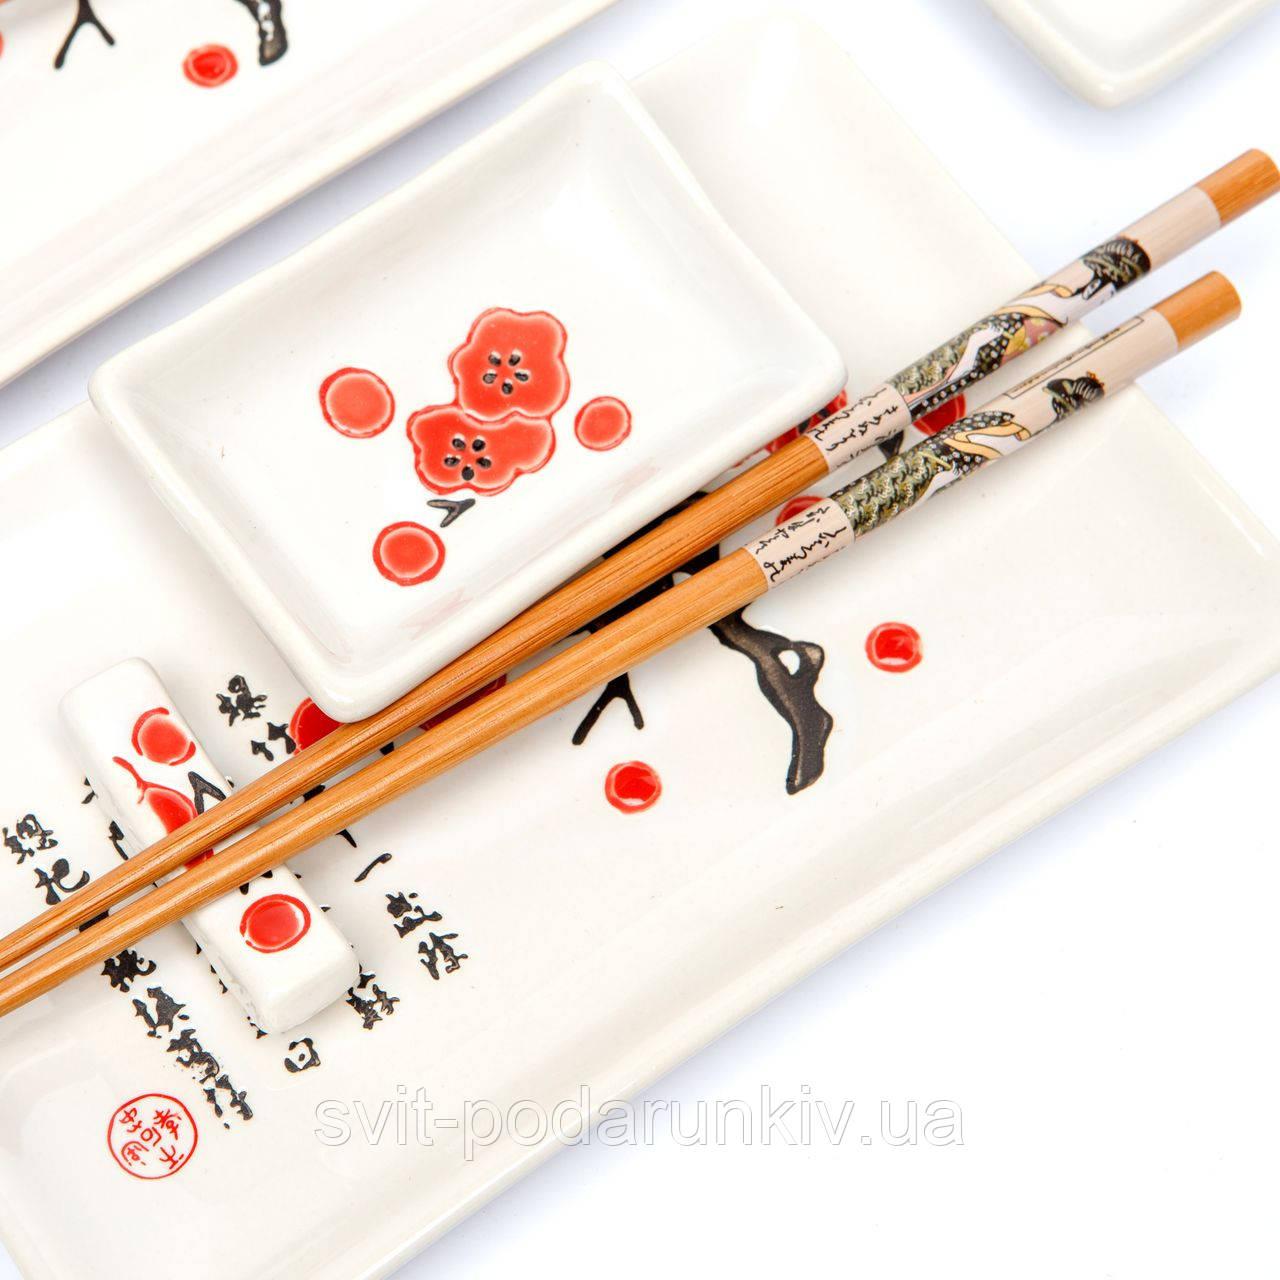 приборы для суши